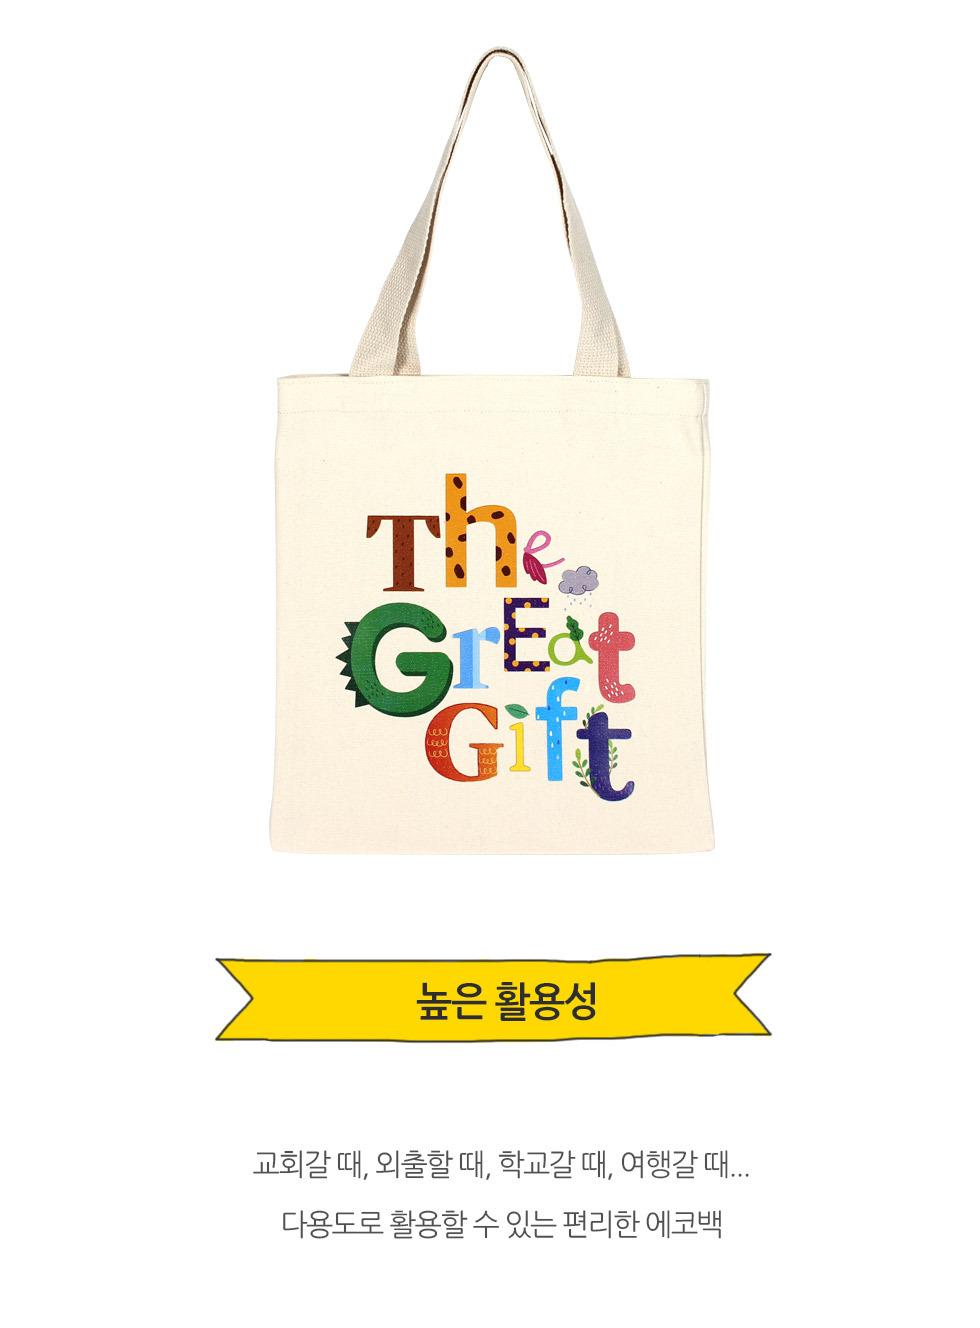 메시지 에코백 The Great Gift (더그레이트기프트) 위대한 선물, 예장합동 높은 활용성